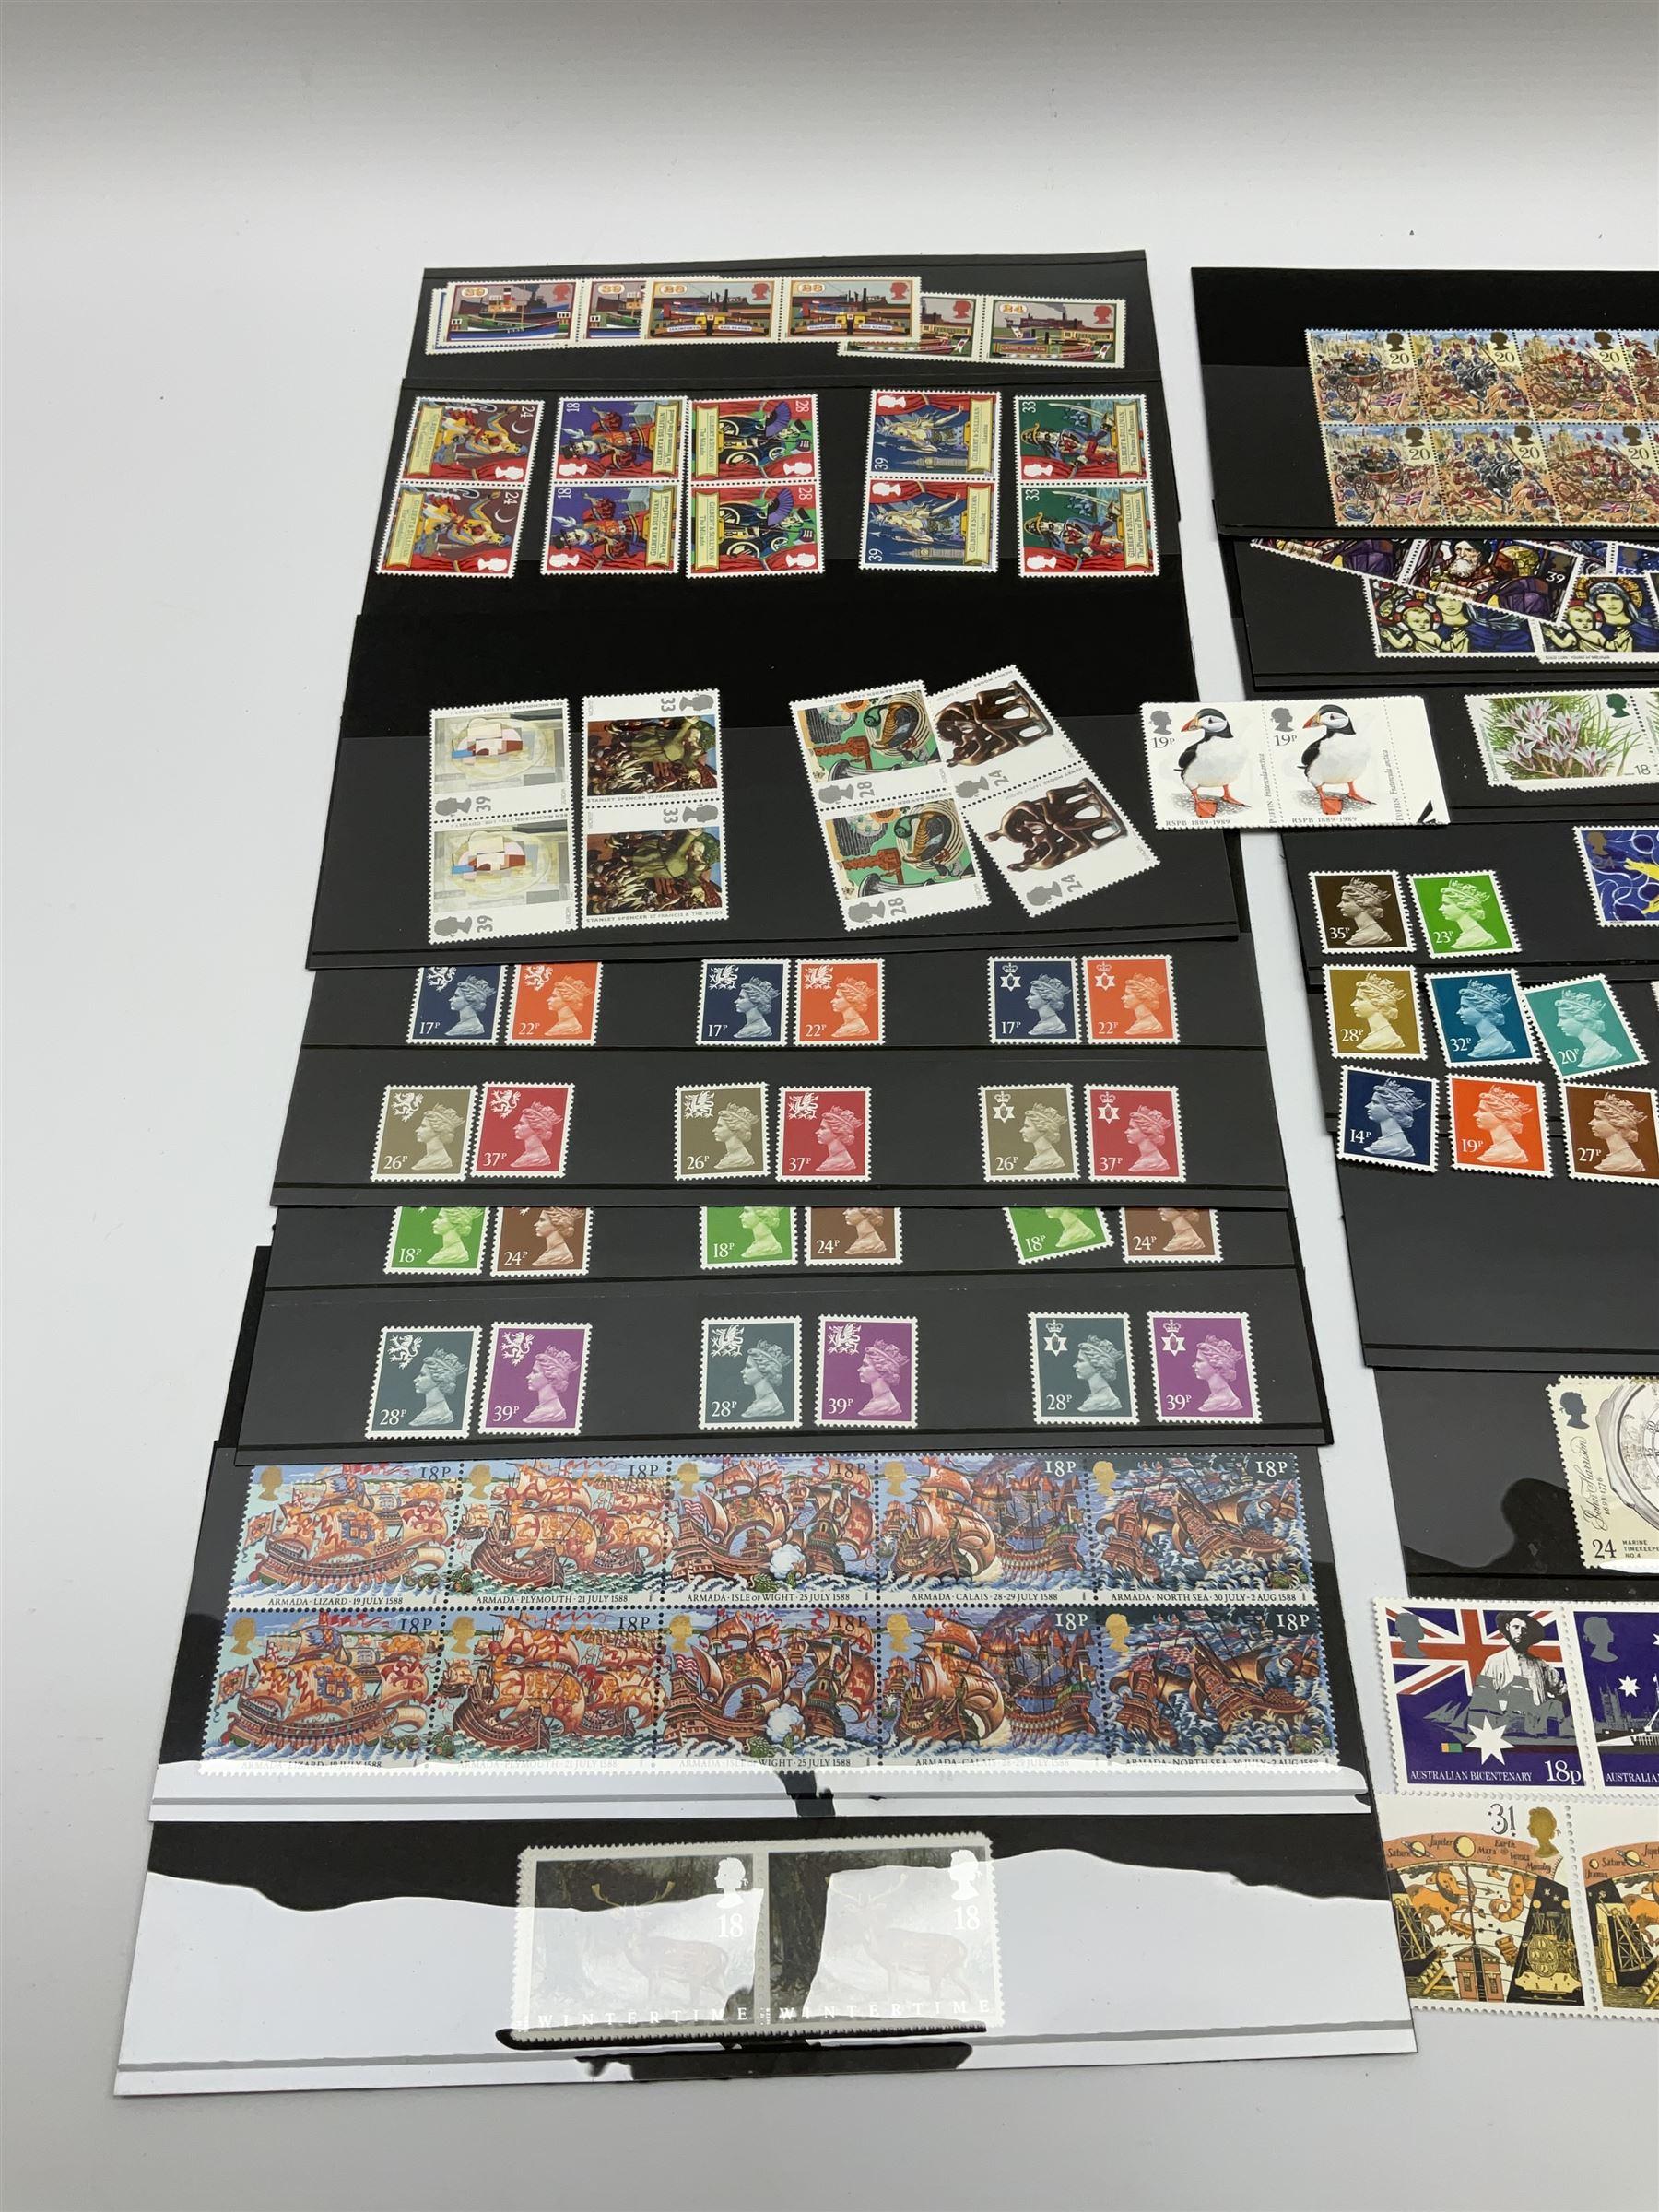 Queen Elizabeth II mint decimal stamps - Image 2 of 4